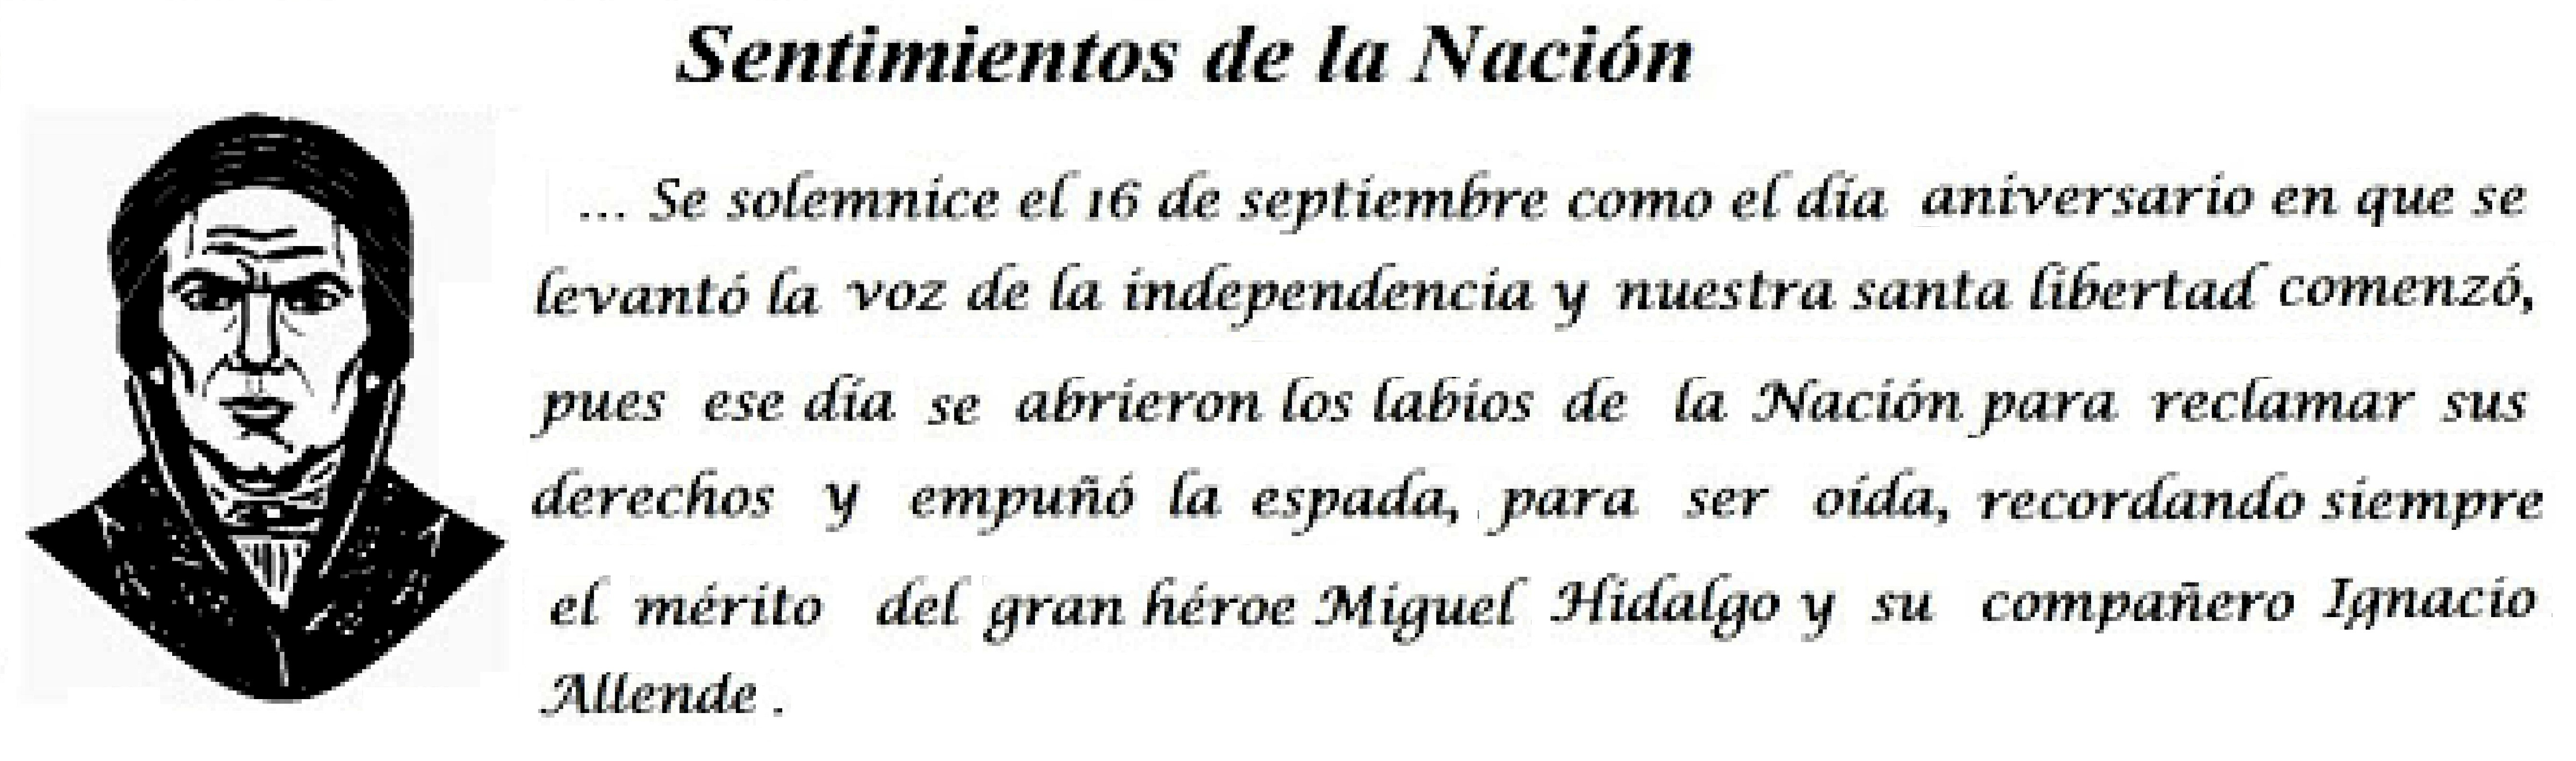 16 de septiembre. Sentimientos de la Nacion. Morelos. Mych